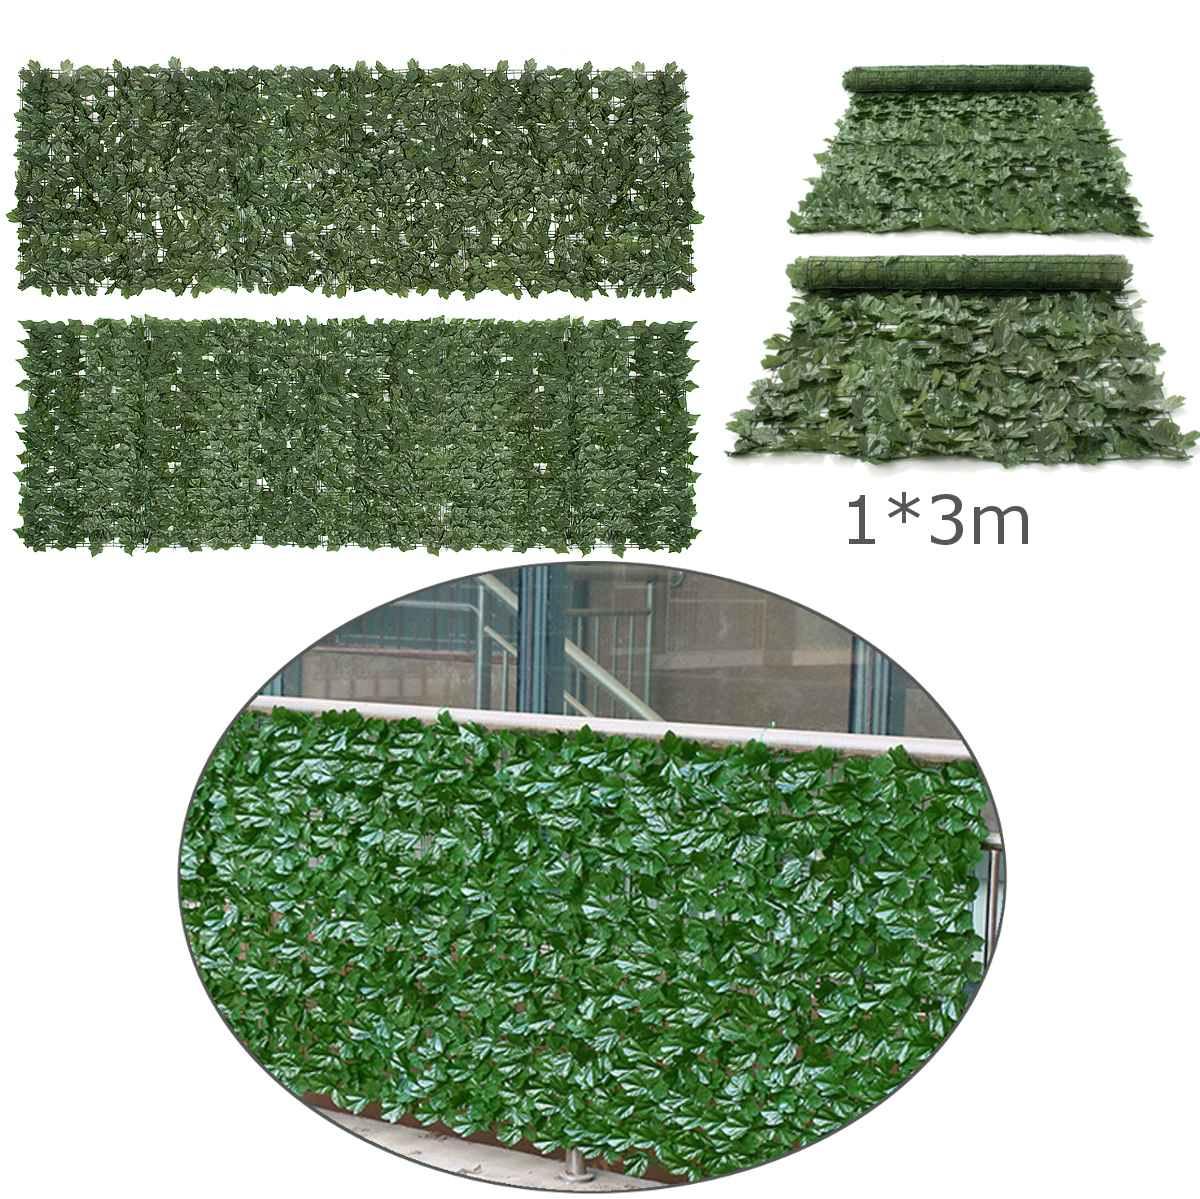 100x300 cm herbe verte gazon artificiel plantes ornement de jardin pelouses en plastique tapis mur balcon canne clôture pour la décoration intérieure